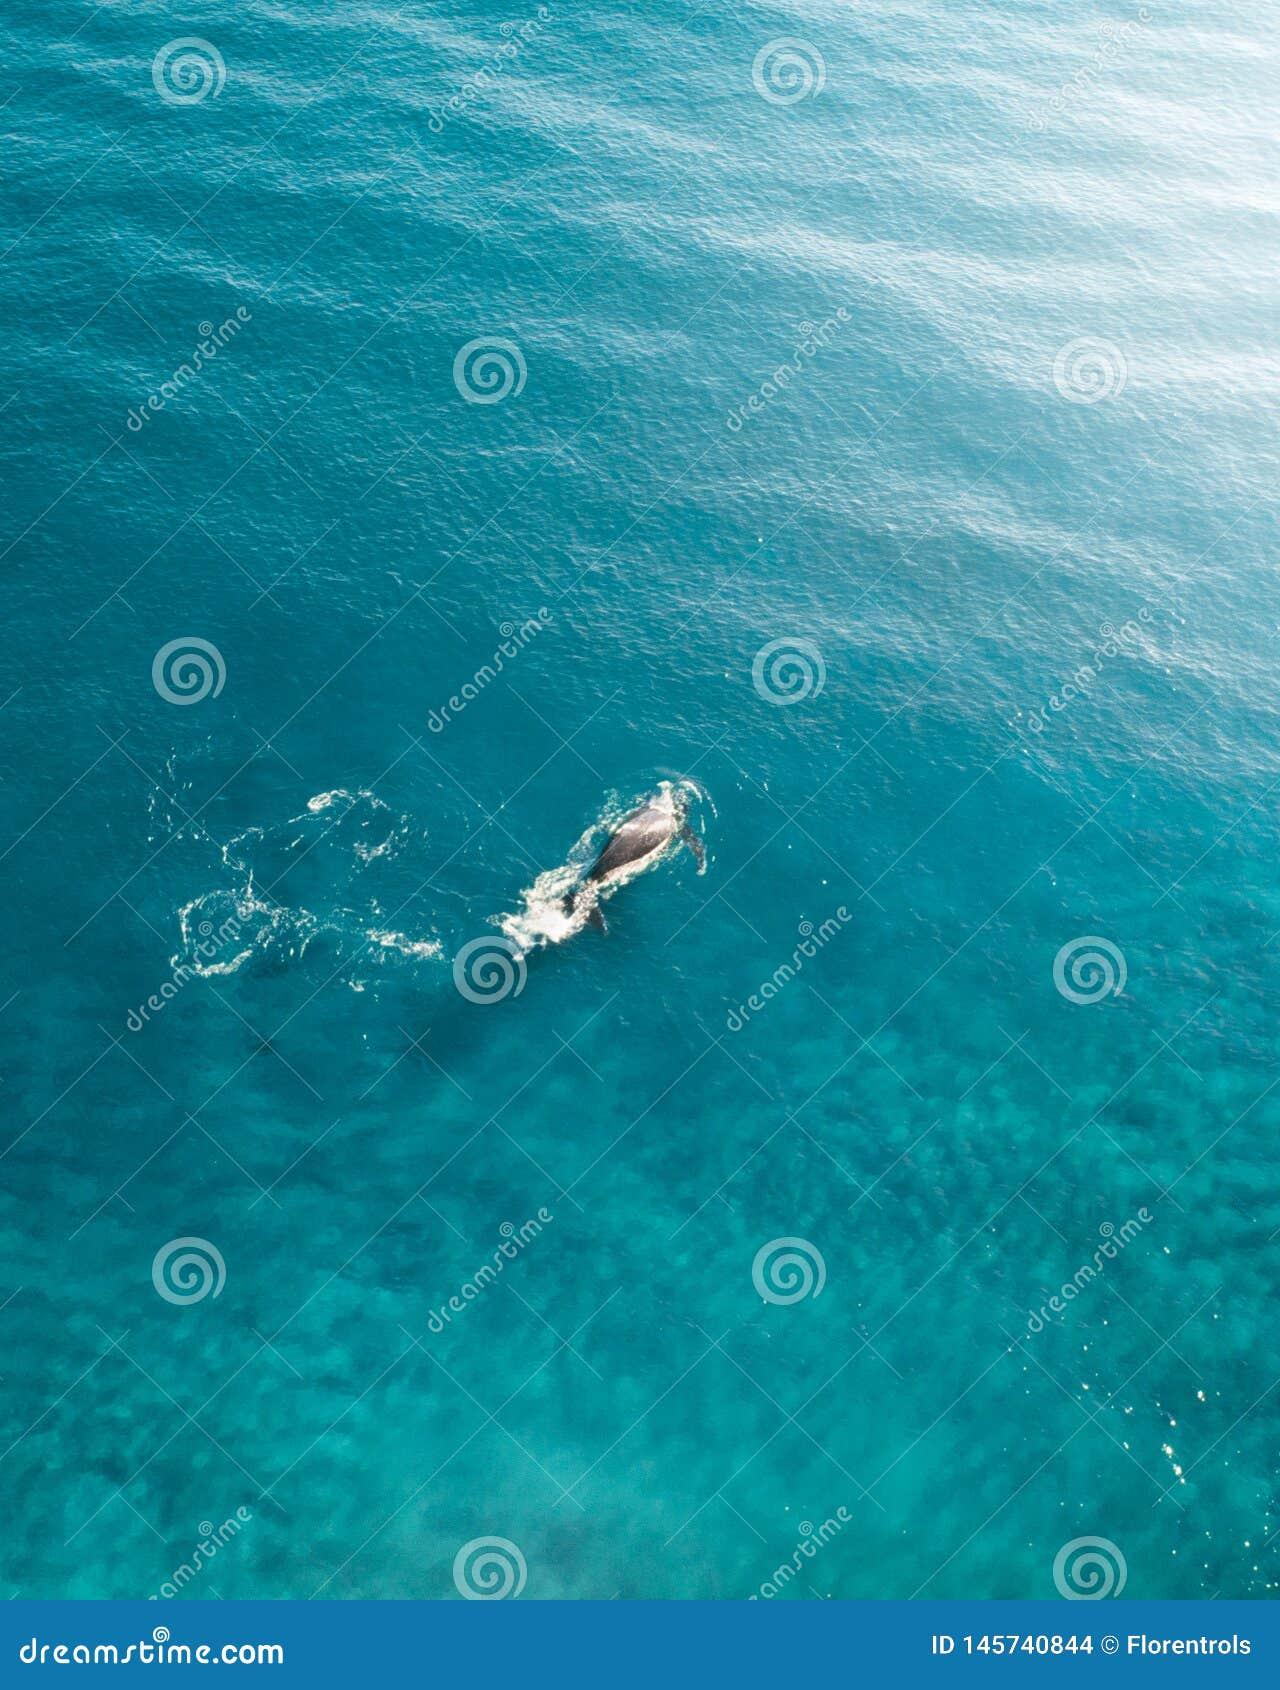 Φάλαινα που ταξιδεύει στον ωκεανό Εναέριος πυροβολισμός μιας φάλαινας που παραβιάζει την κορυφή του νερού του μπλε ωκεανού